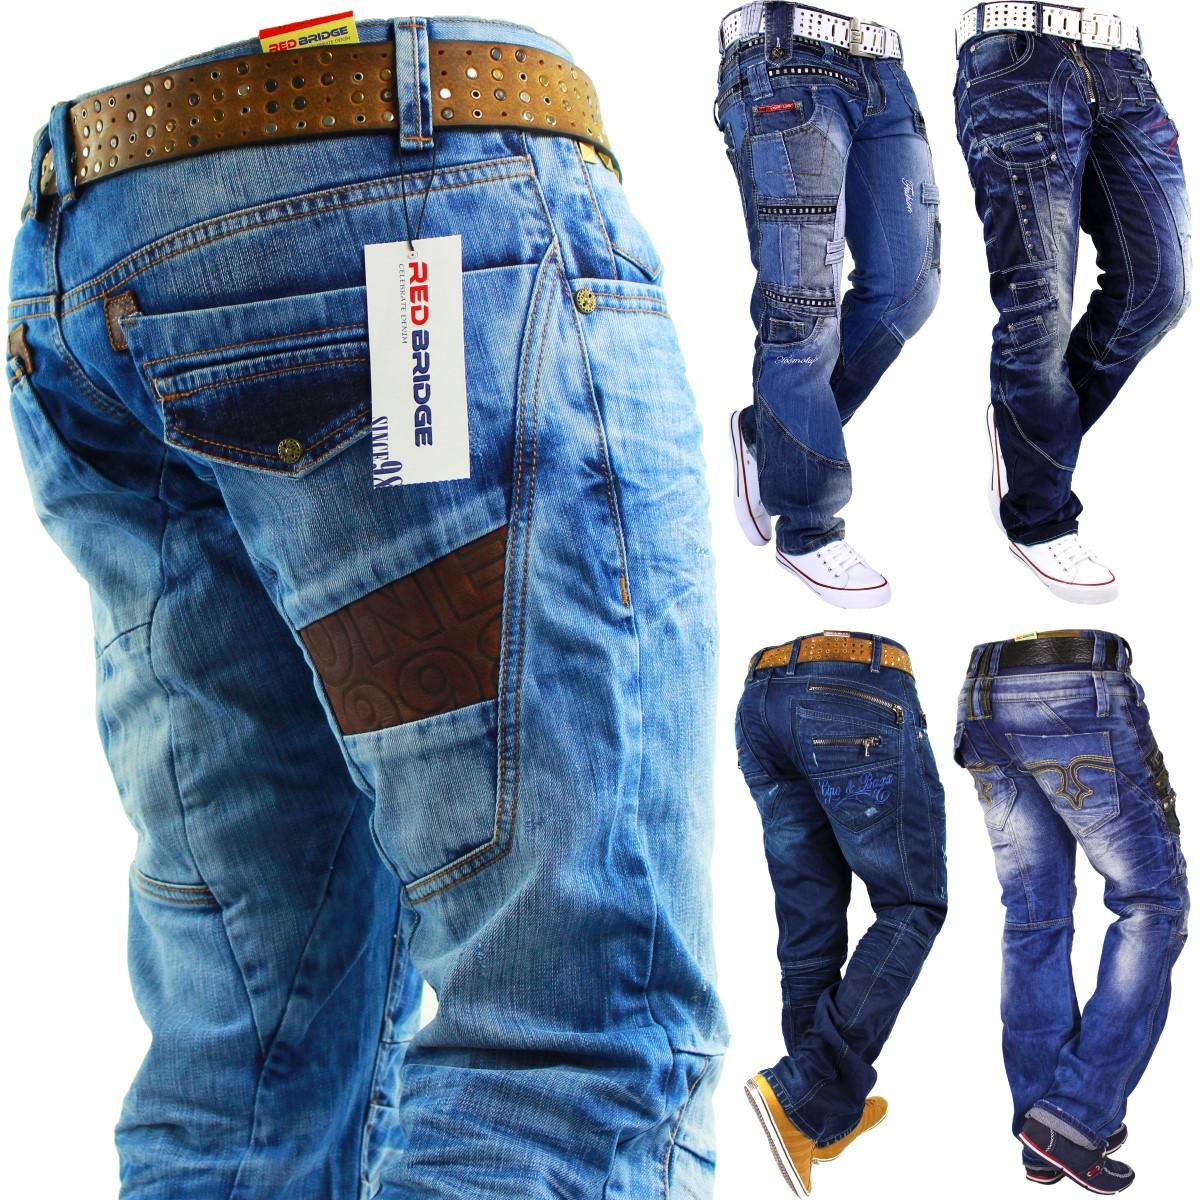 cipo baxx redbridge herren mens jeans hose pants andere. Black Bedroom Furniture Sets. Home Design Ideas